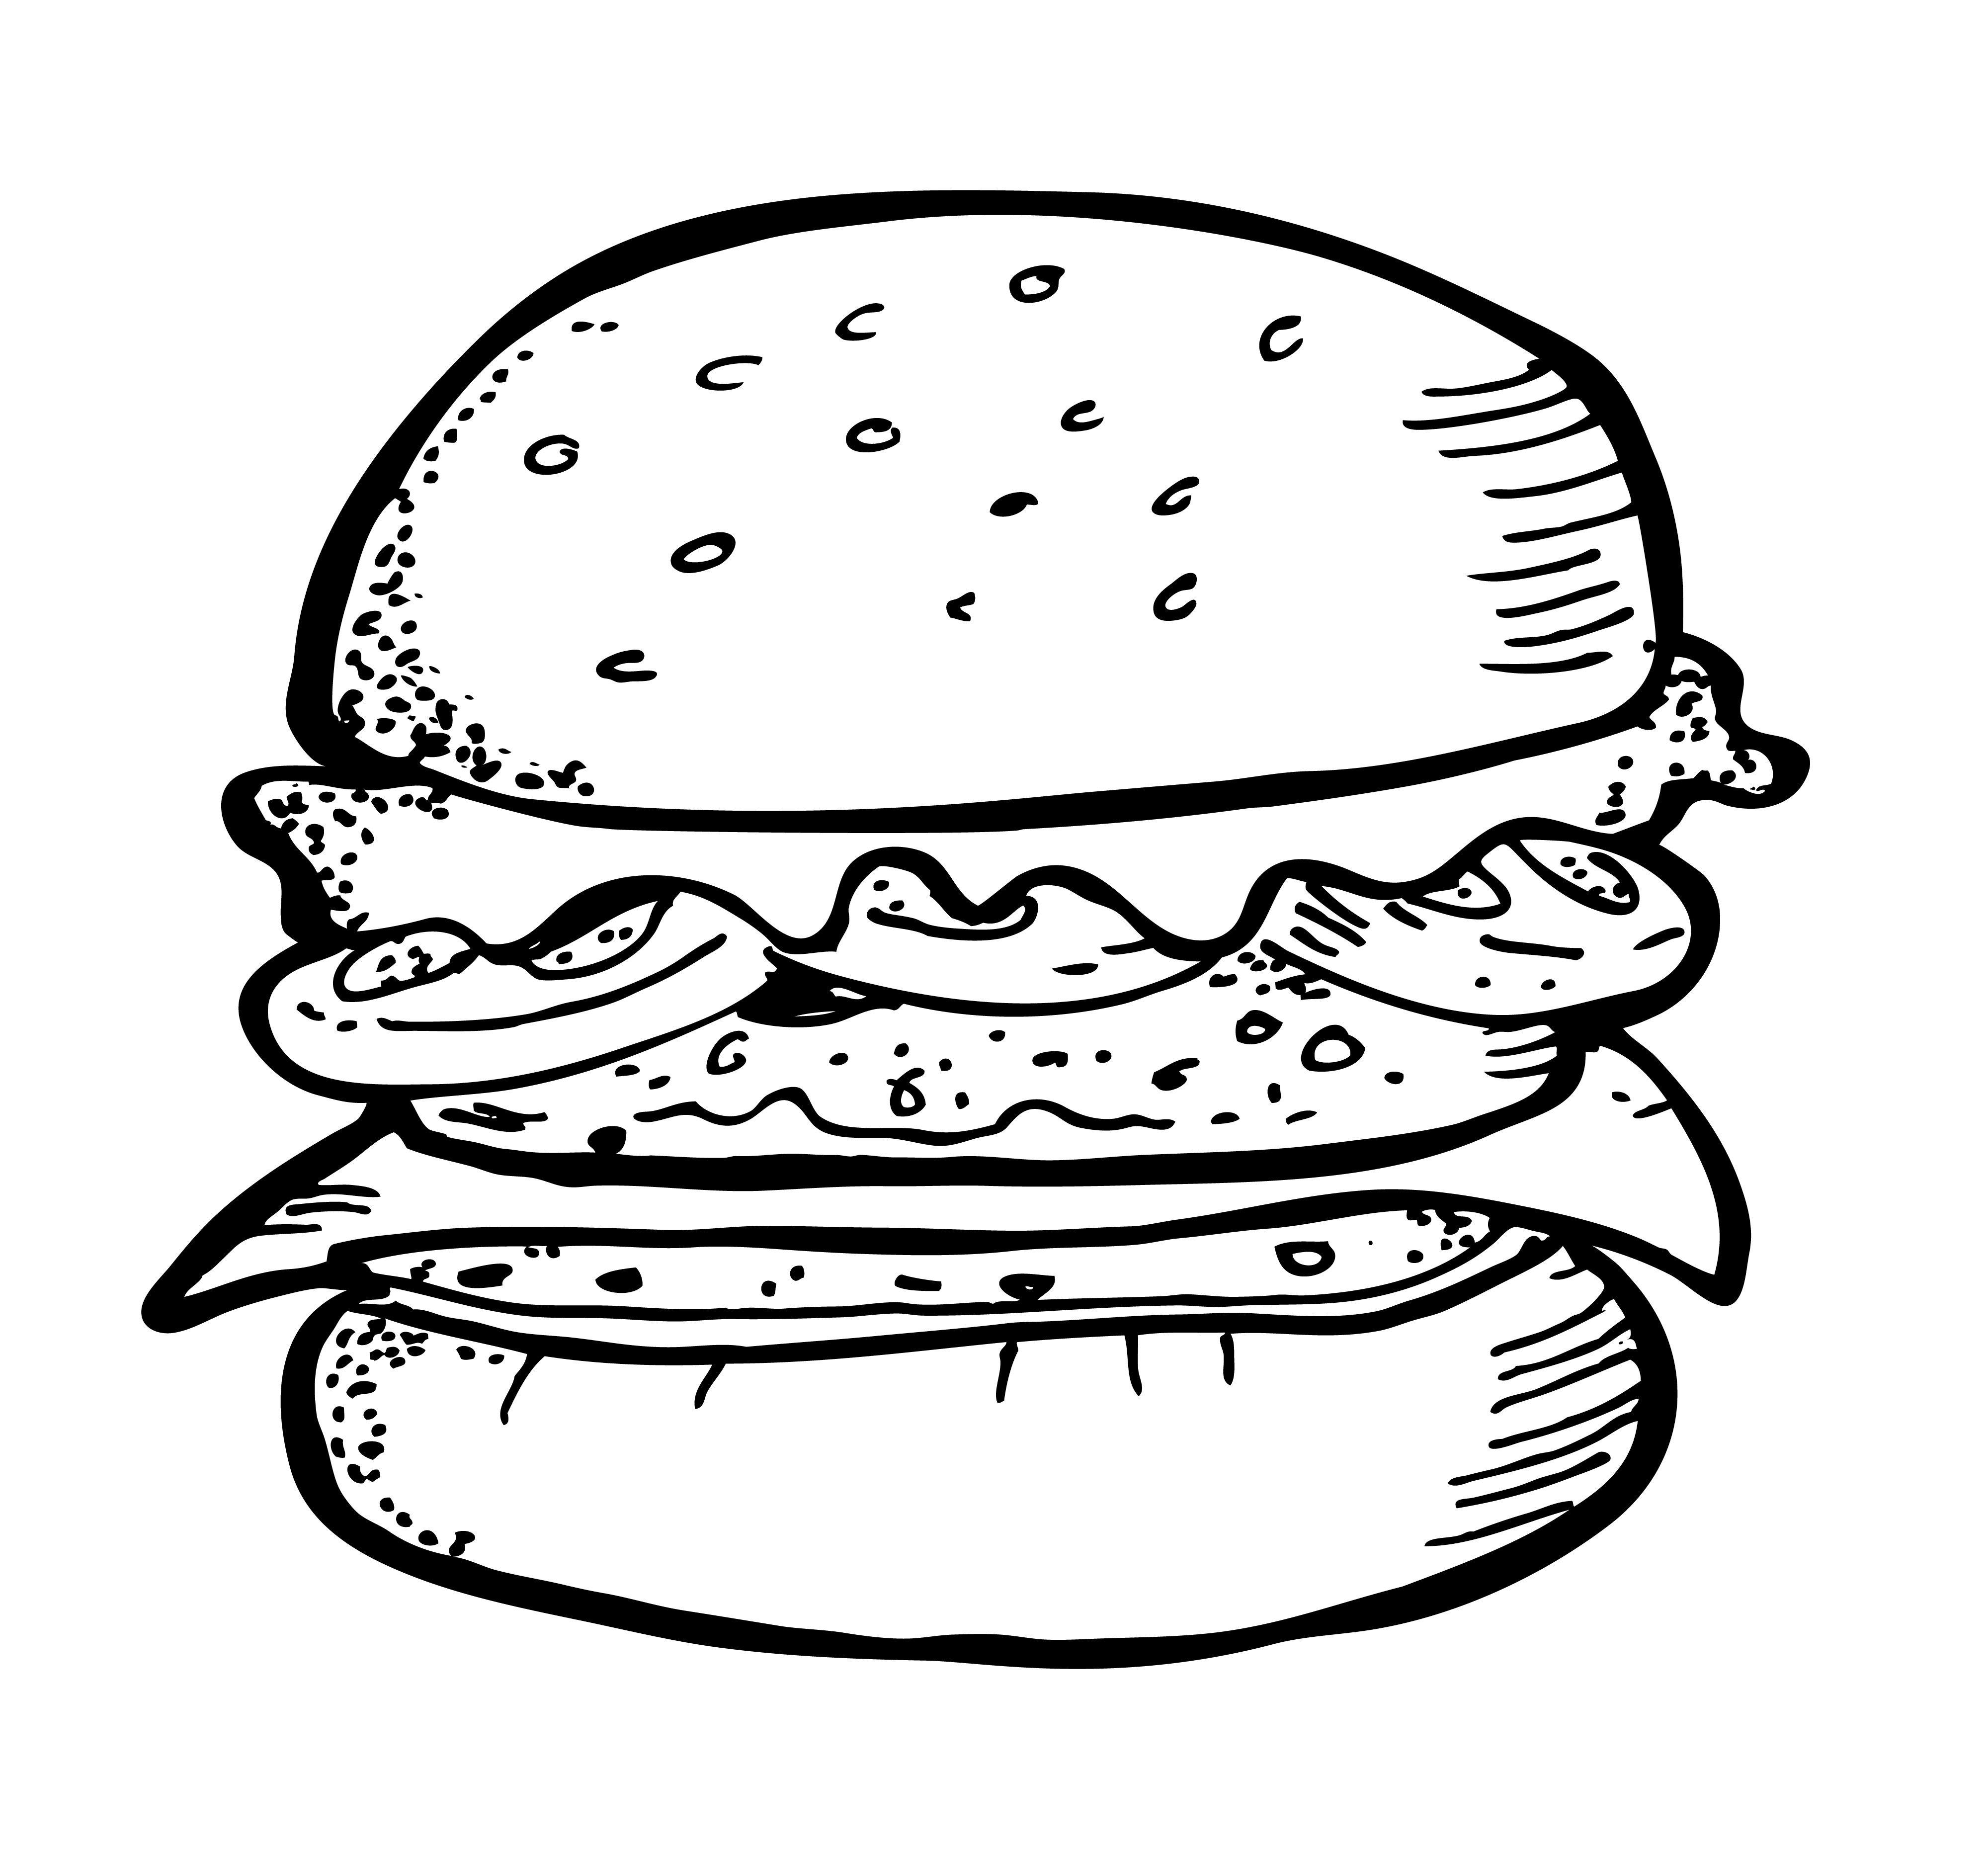 Burger And Fries Drawing Burger and fries drawing delux in.